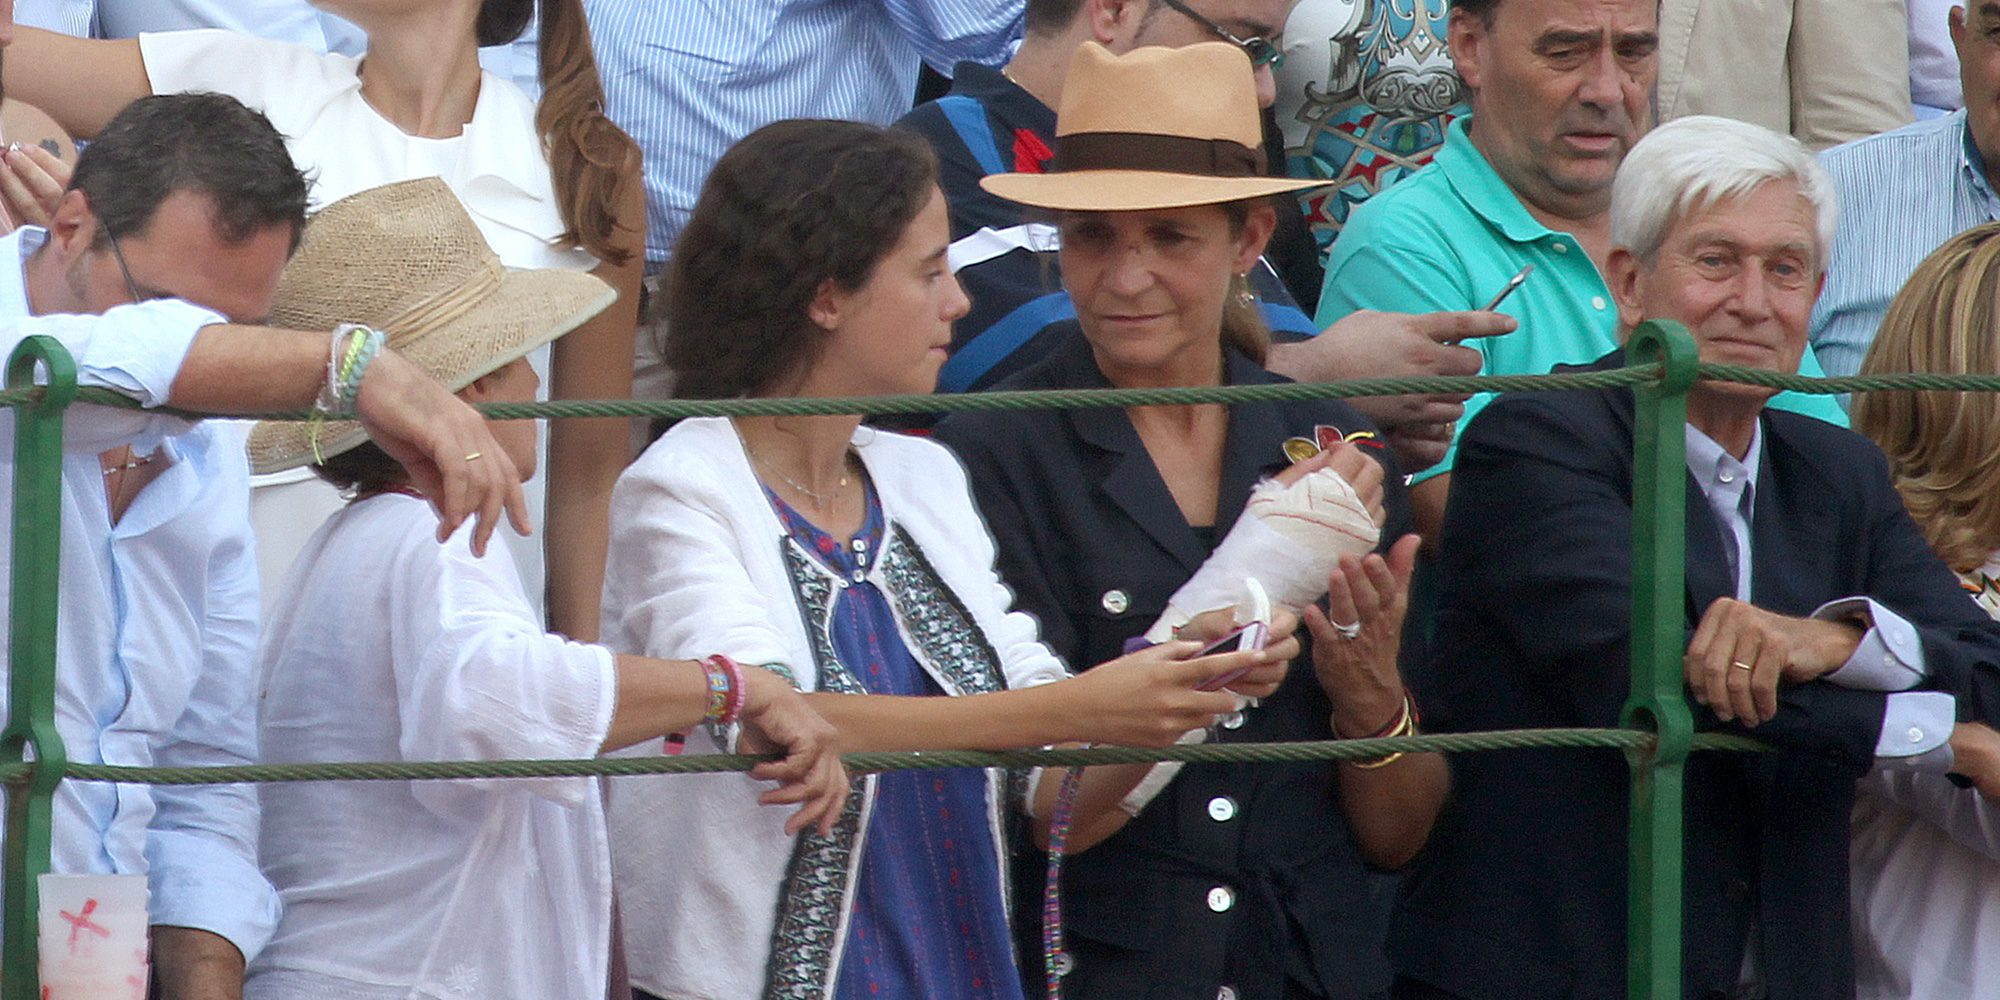 La Infanta Elena reaparece en los toros junto a su hija Victoria Federica tras su operación de muñeca